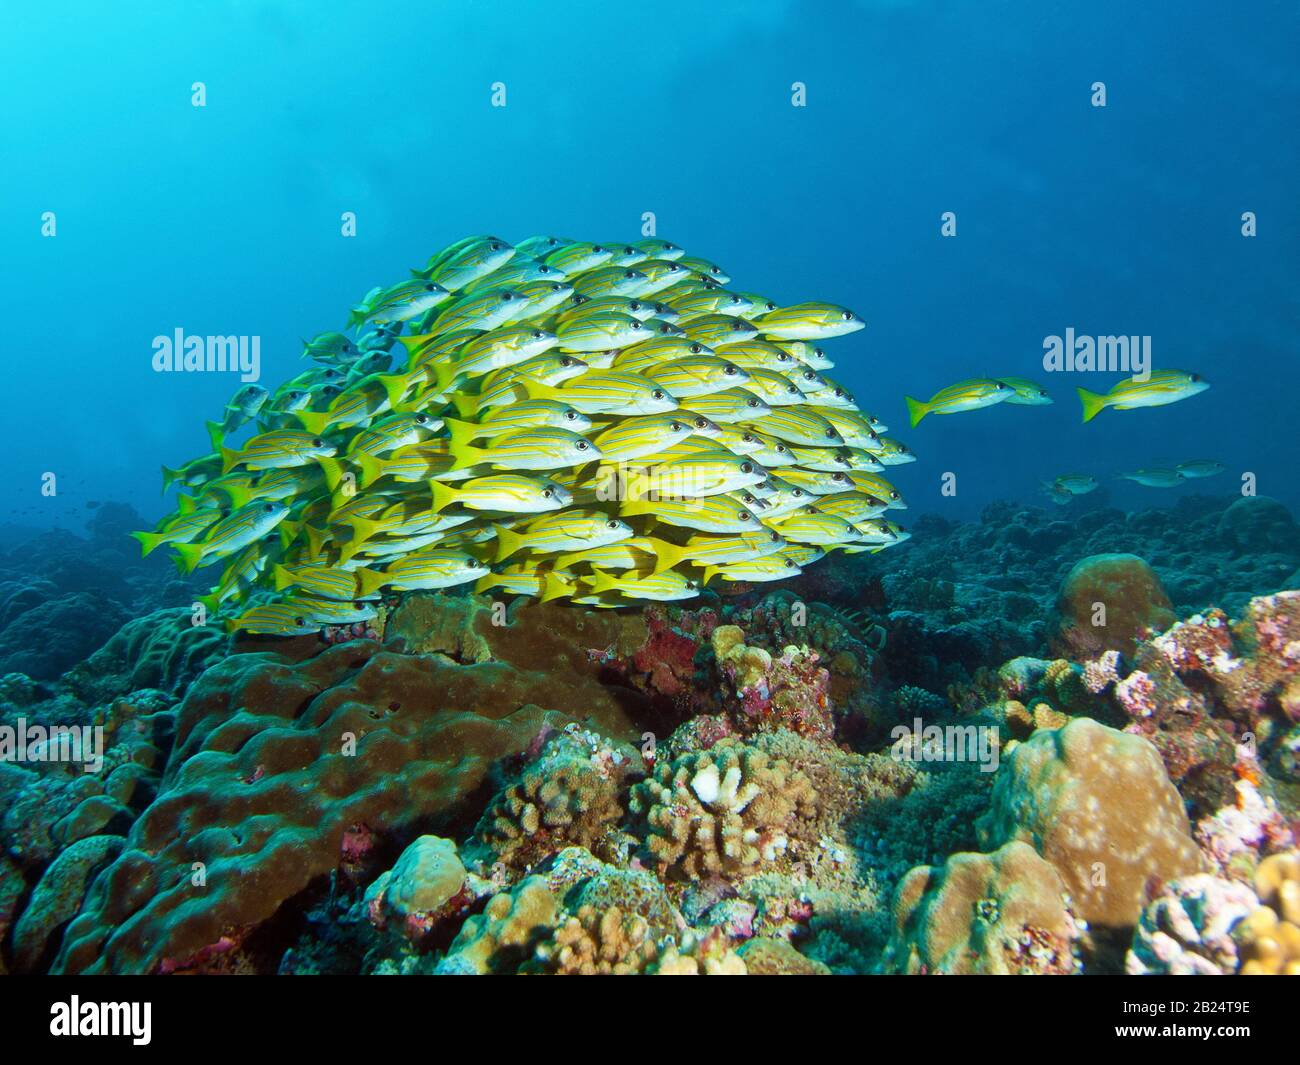 Fischschule, Bluestrife Snapper an einem Korallenriffe in Palau, Mikronesien. Unterwasserfotografie am wunderschönen Korallenriffe. Stockfoto